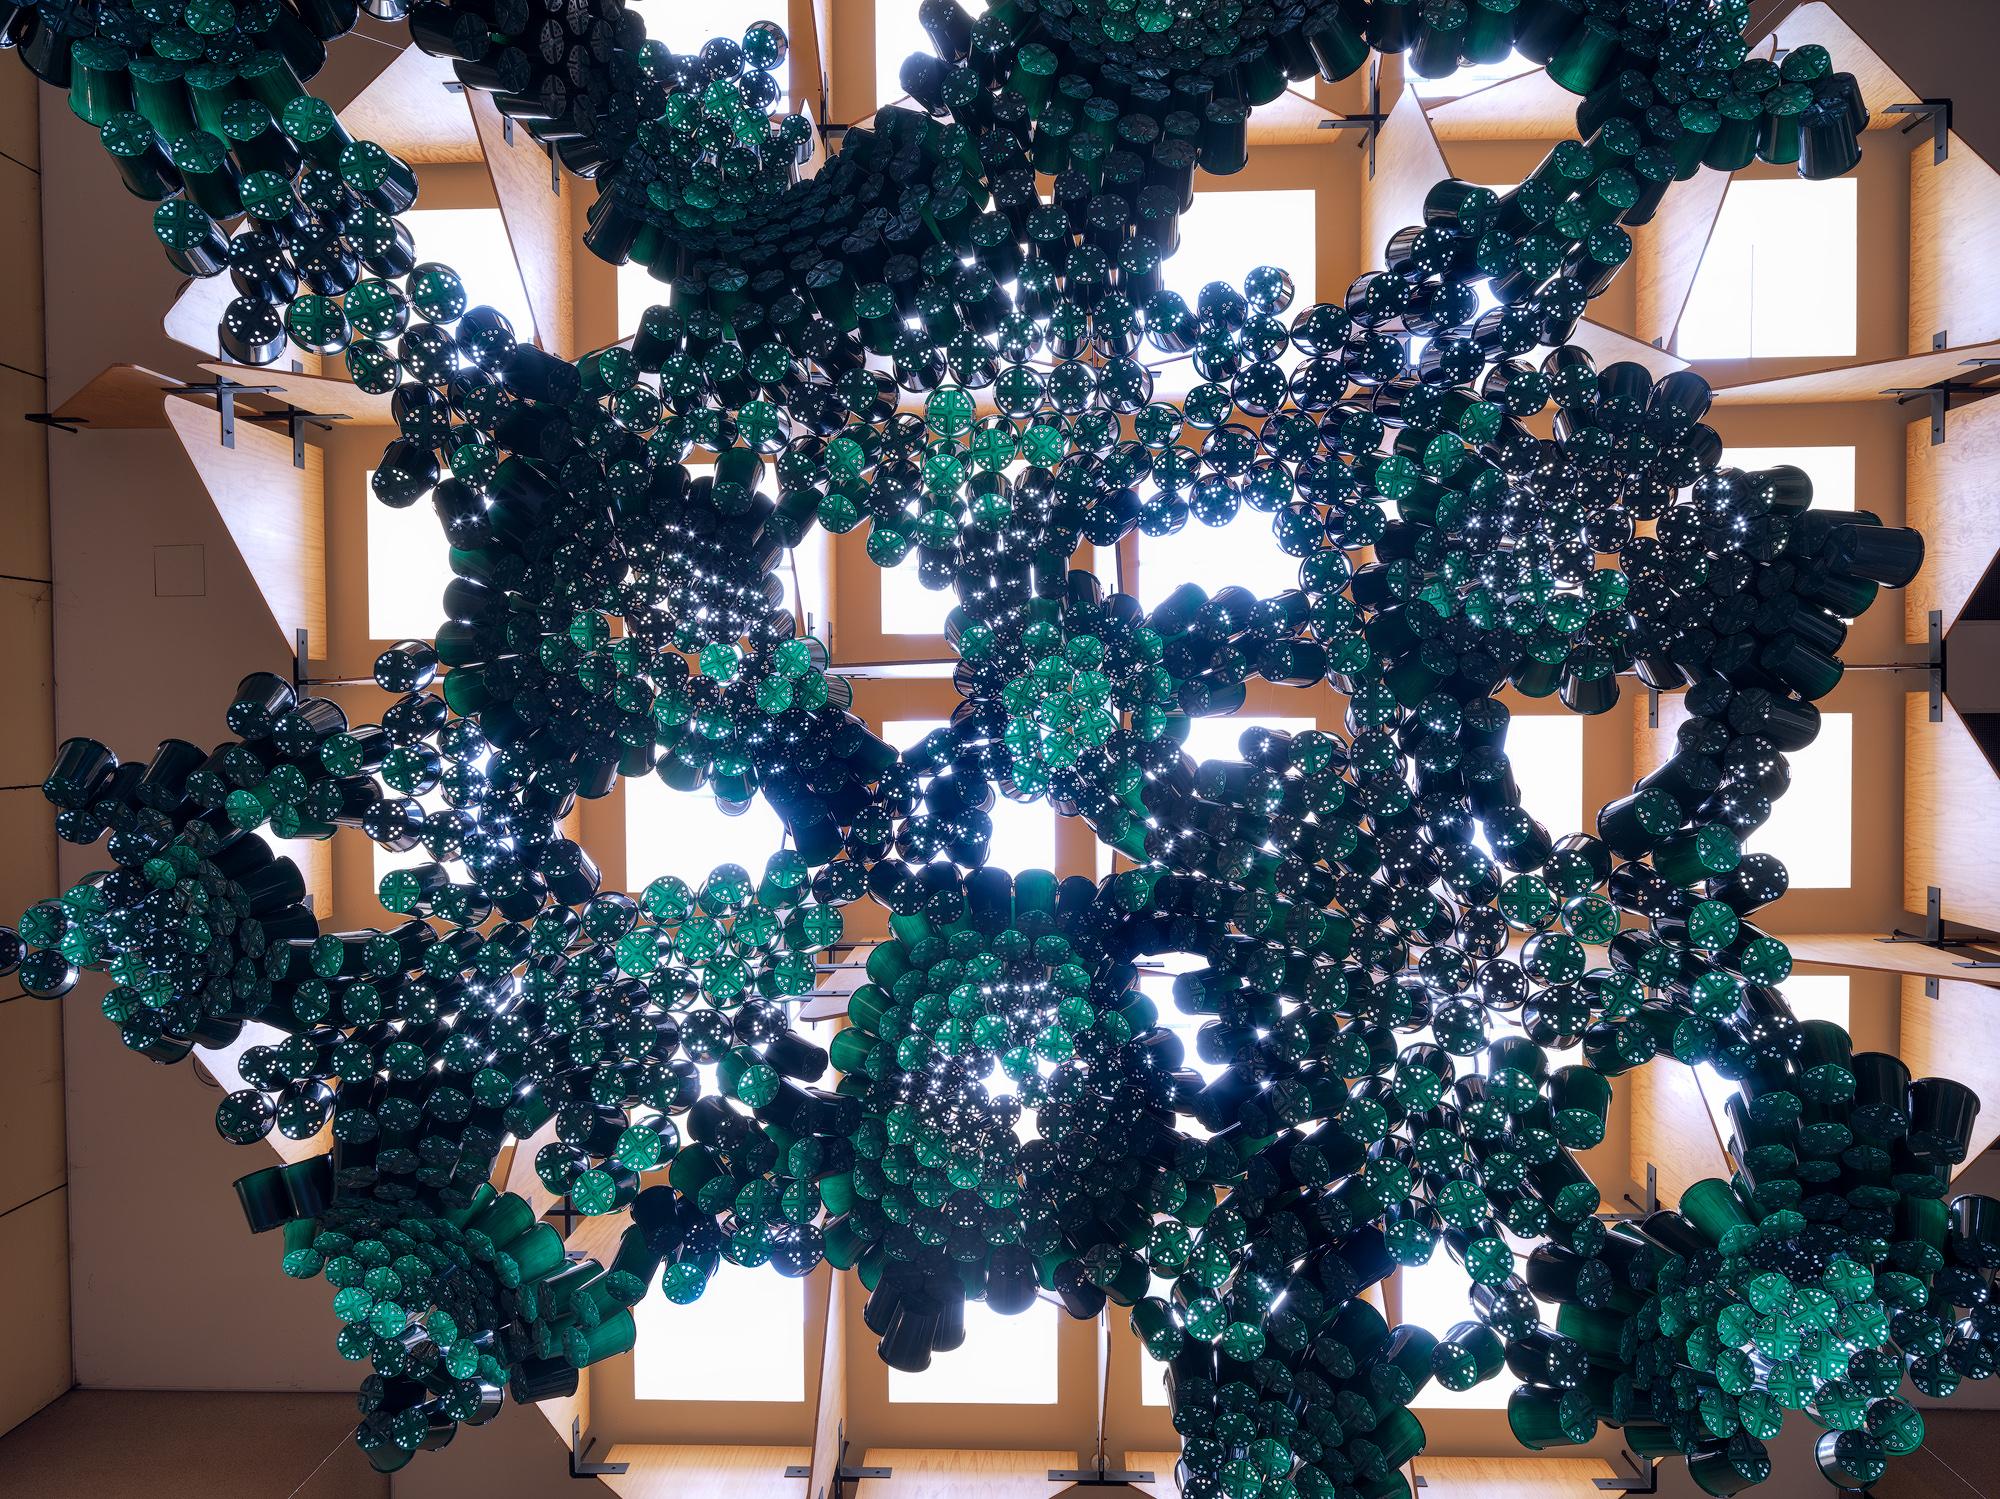 Pine Tree Green_4256.jpg